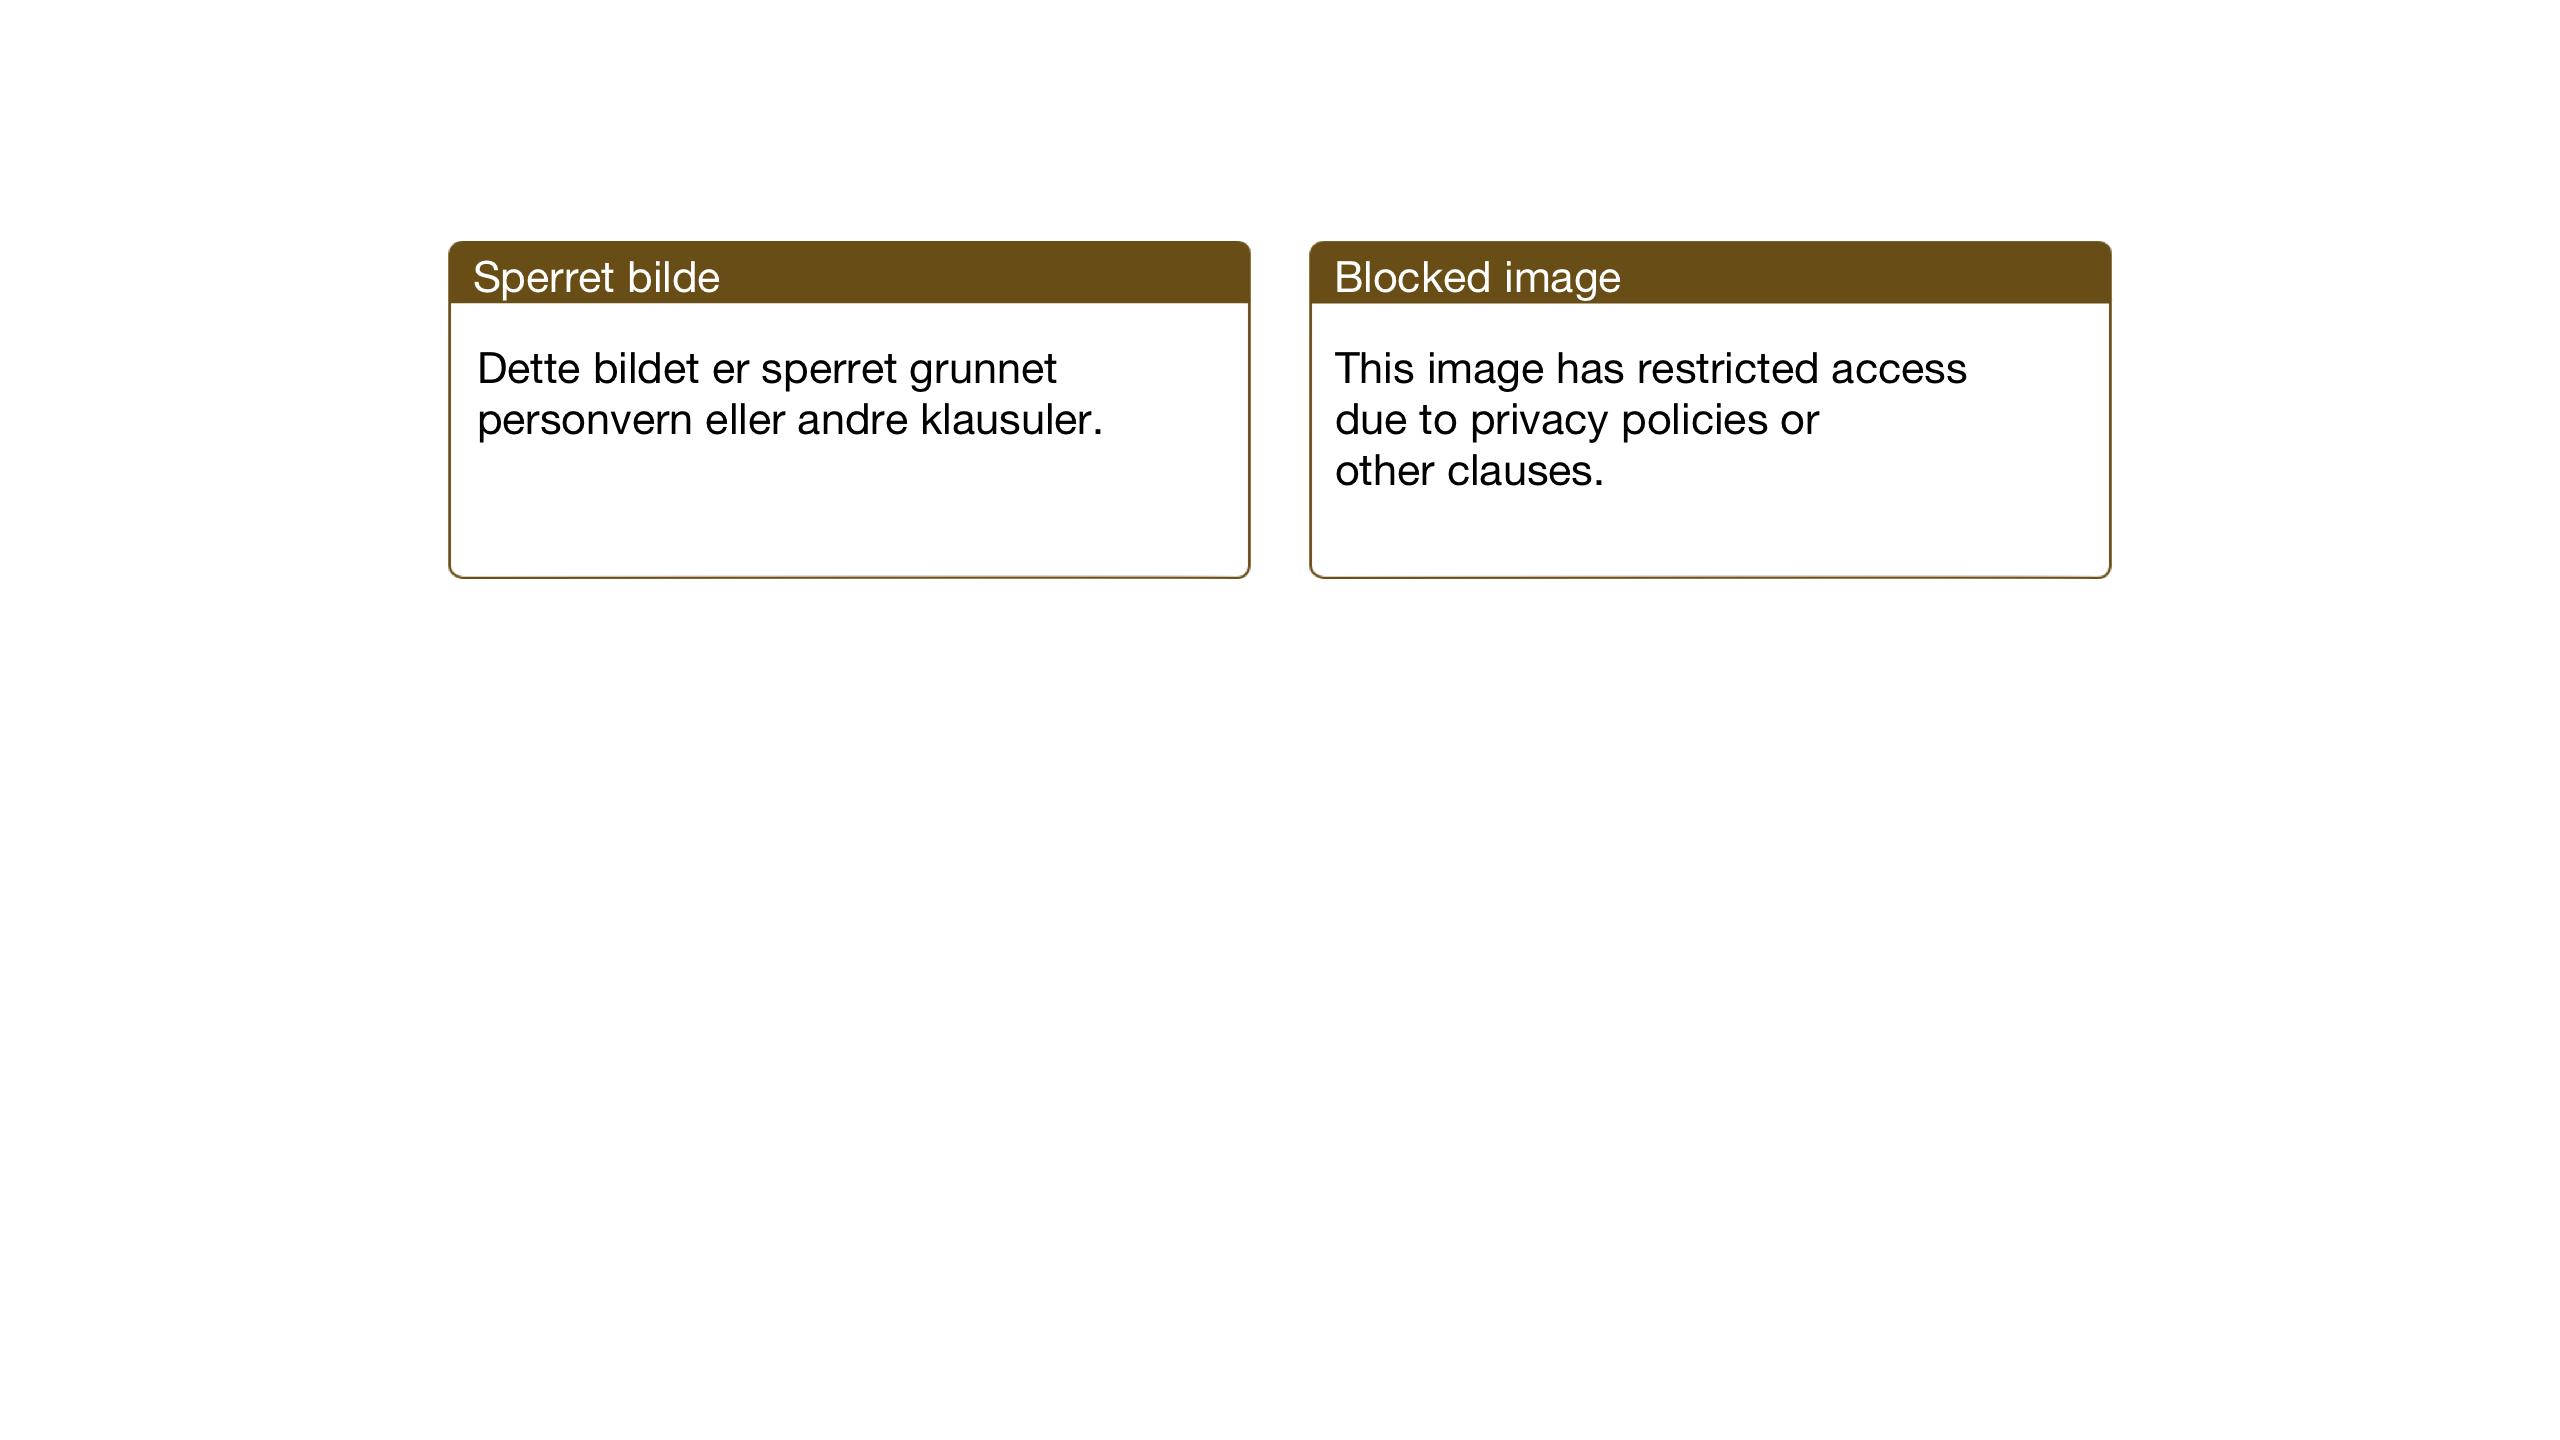 SAT, Ministerialprotokoller, klokkerbøker og fødselsregistre - Sør-Trøndelag, 630/L0508: Klokkerbok nr. 630C06, 1933-1950, s. 20